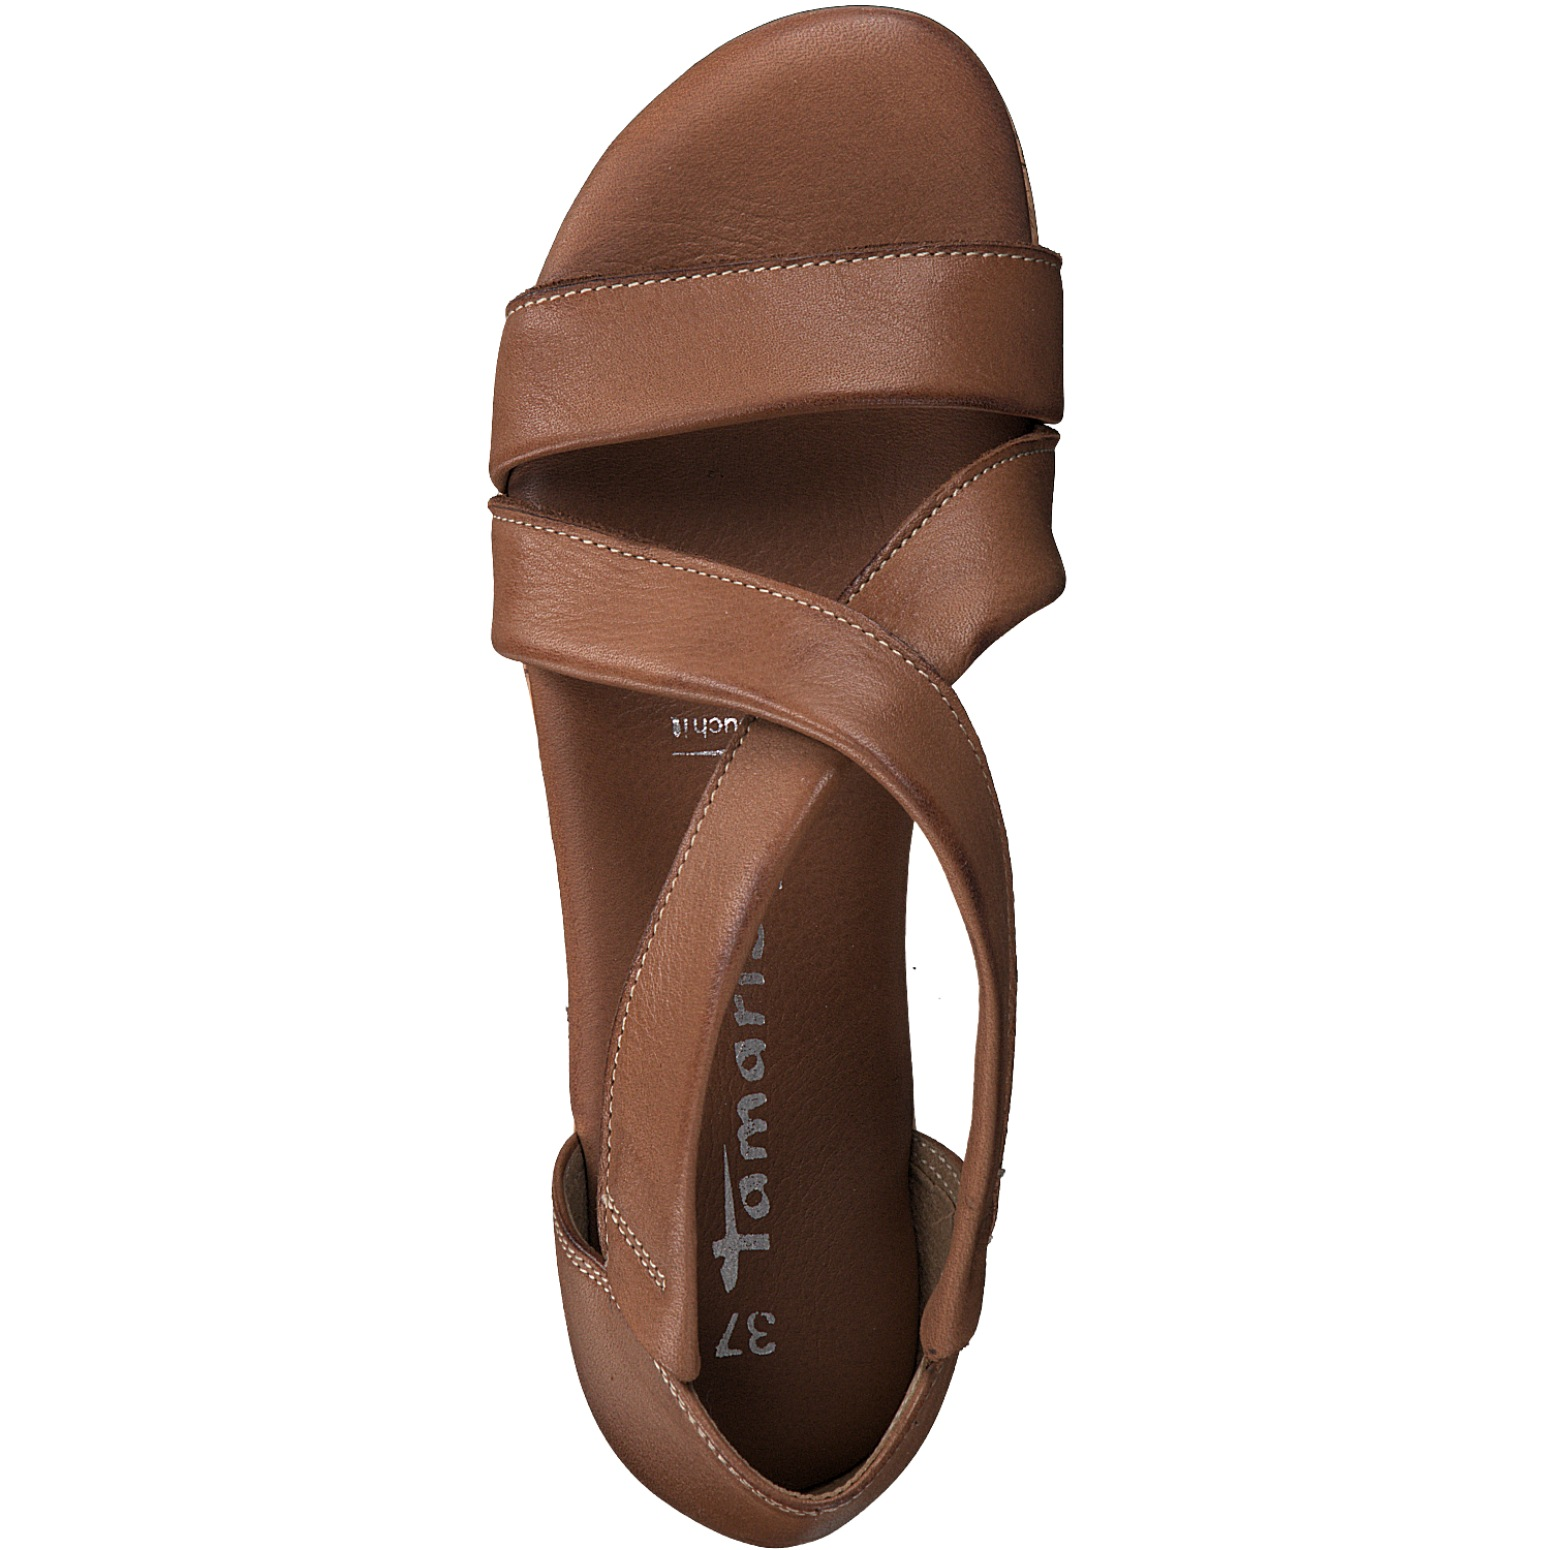 Naisten sandaalit Tamaris ruskea